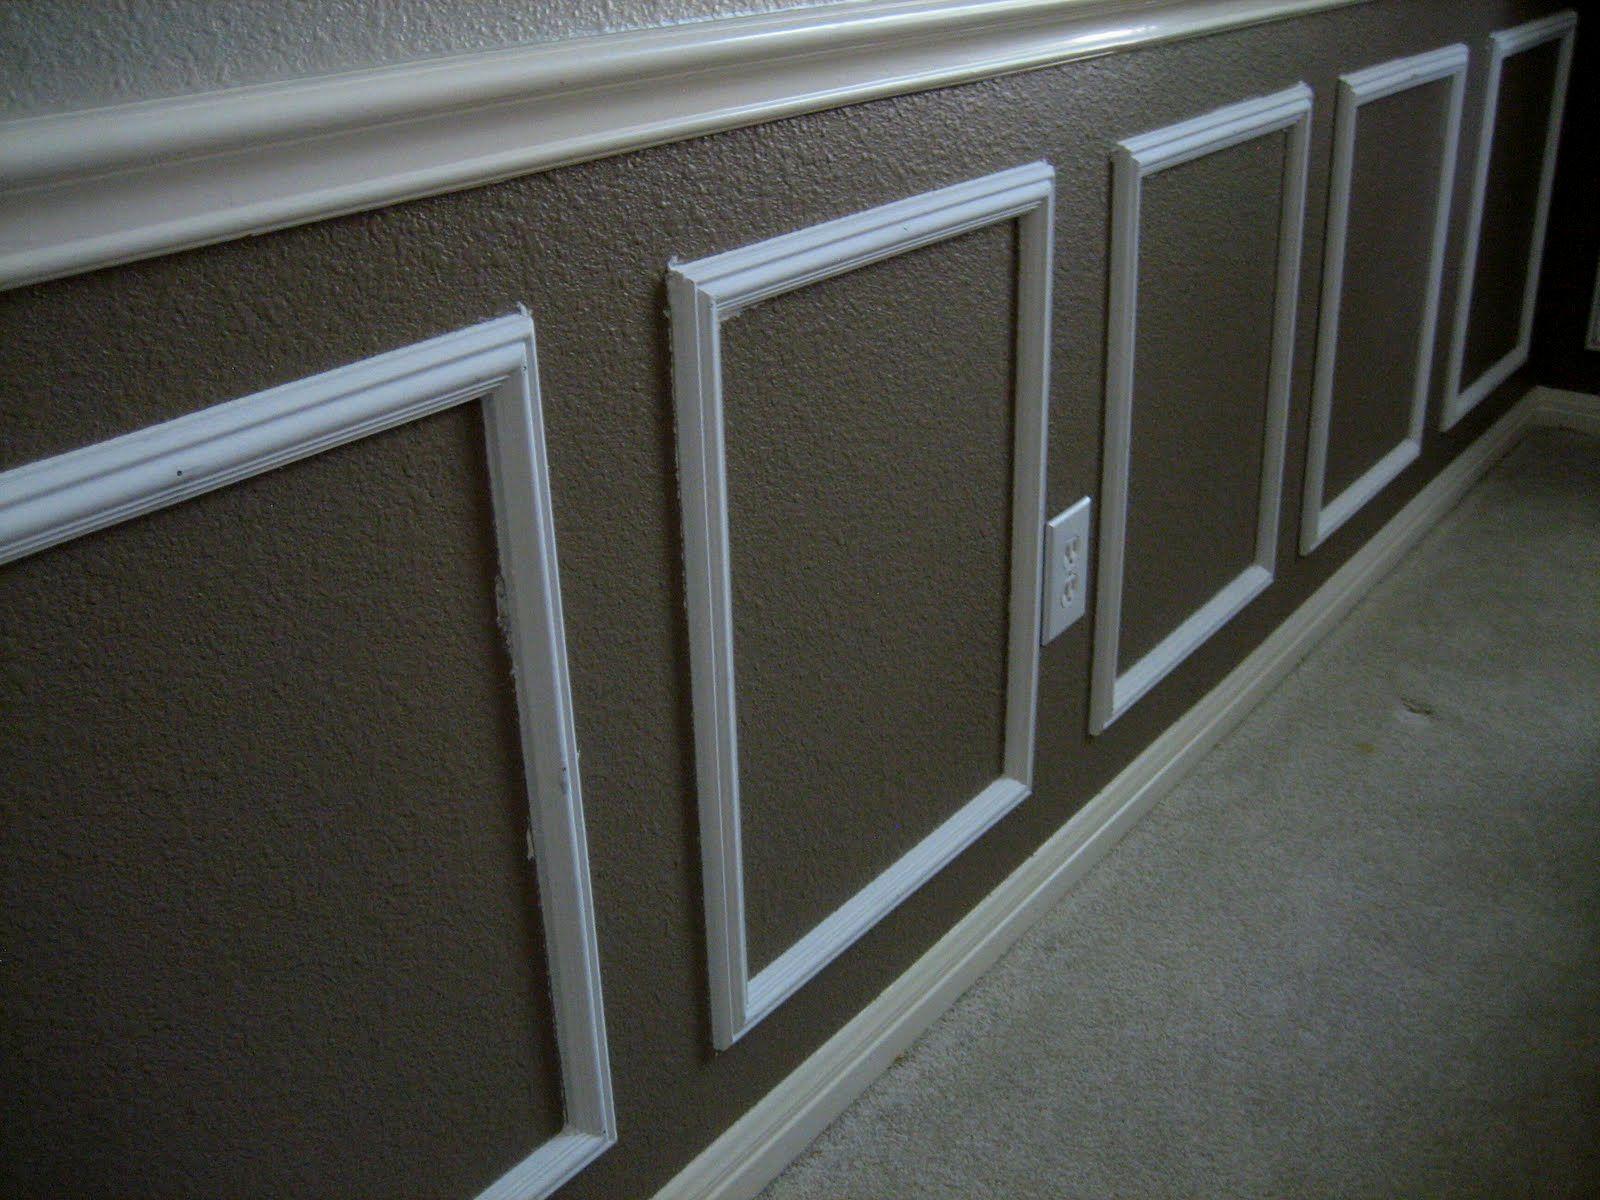 stylish lowes bathroom tile image-Lovely Lowes Bathroom Tile Online